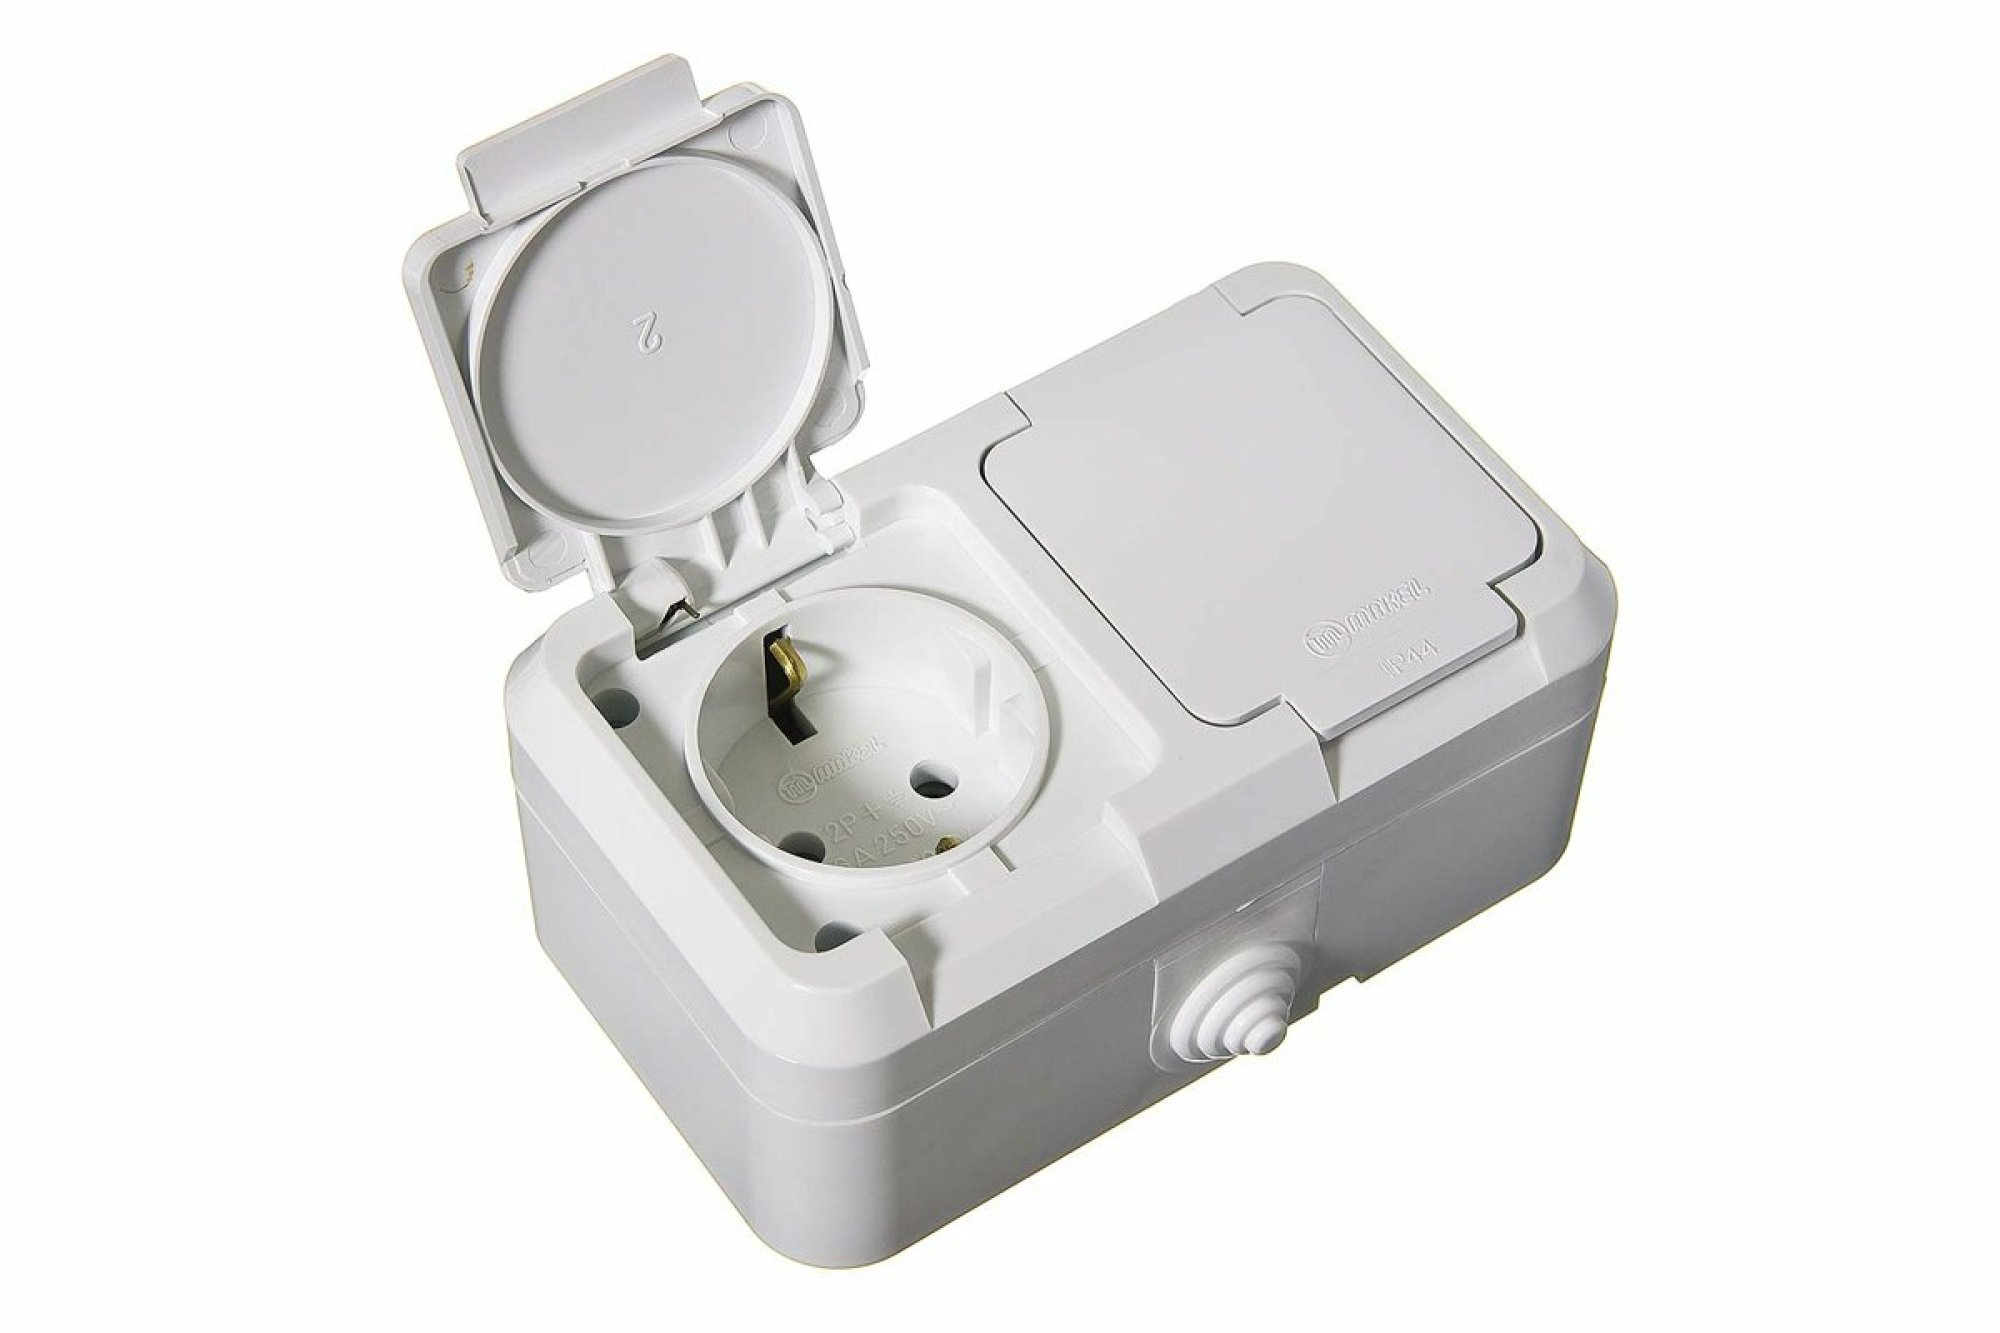 Что такое штепсельная розетка, устройство, виды, монтаж своими руками, высота установки, маркировка и степени защиты - elektrikexpert.ru